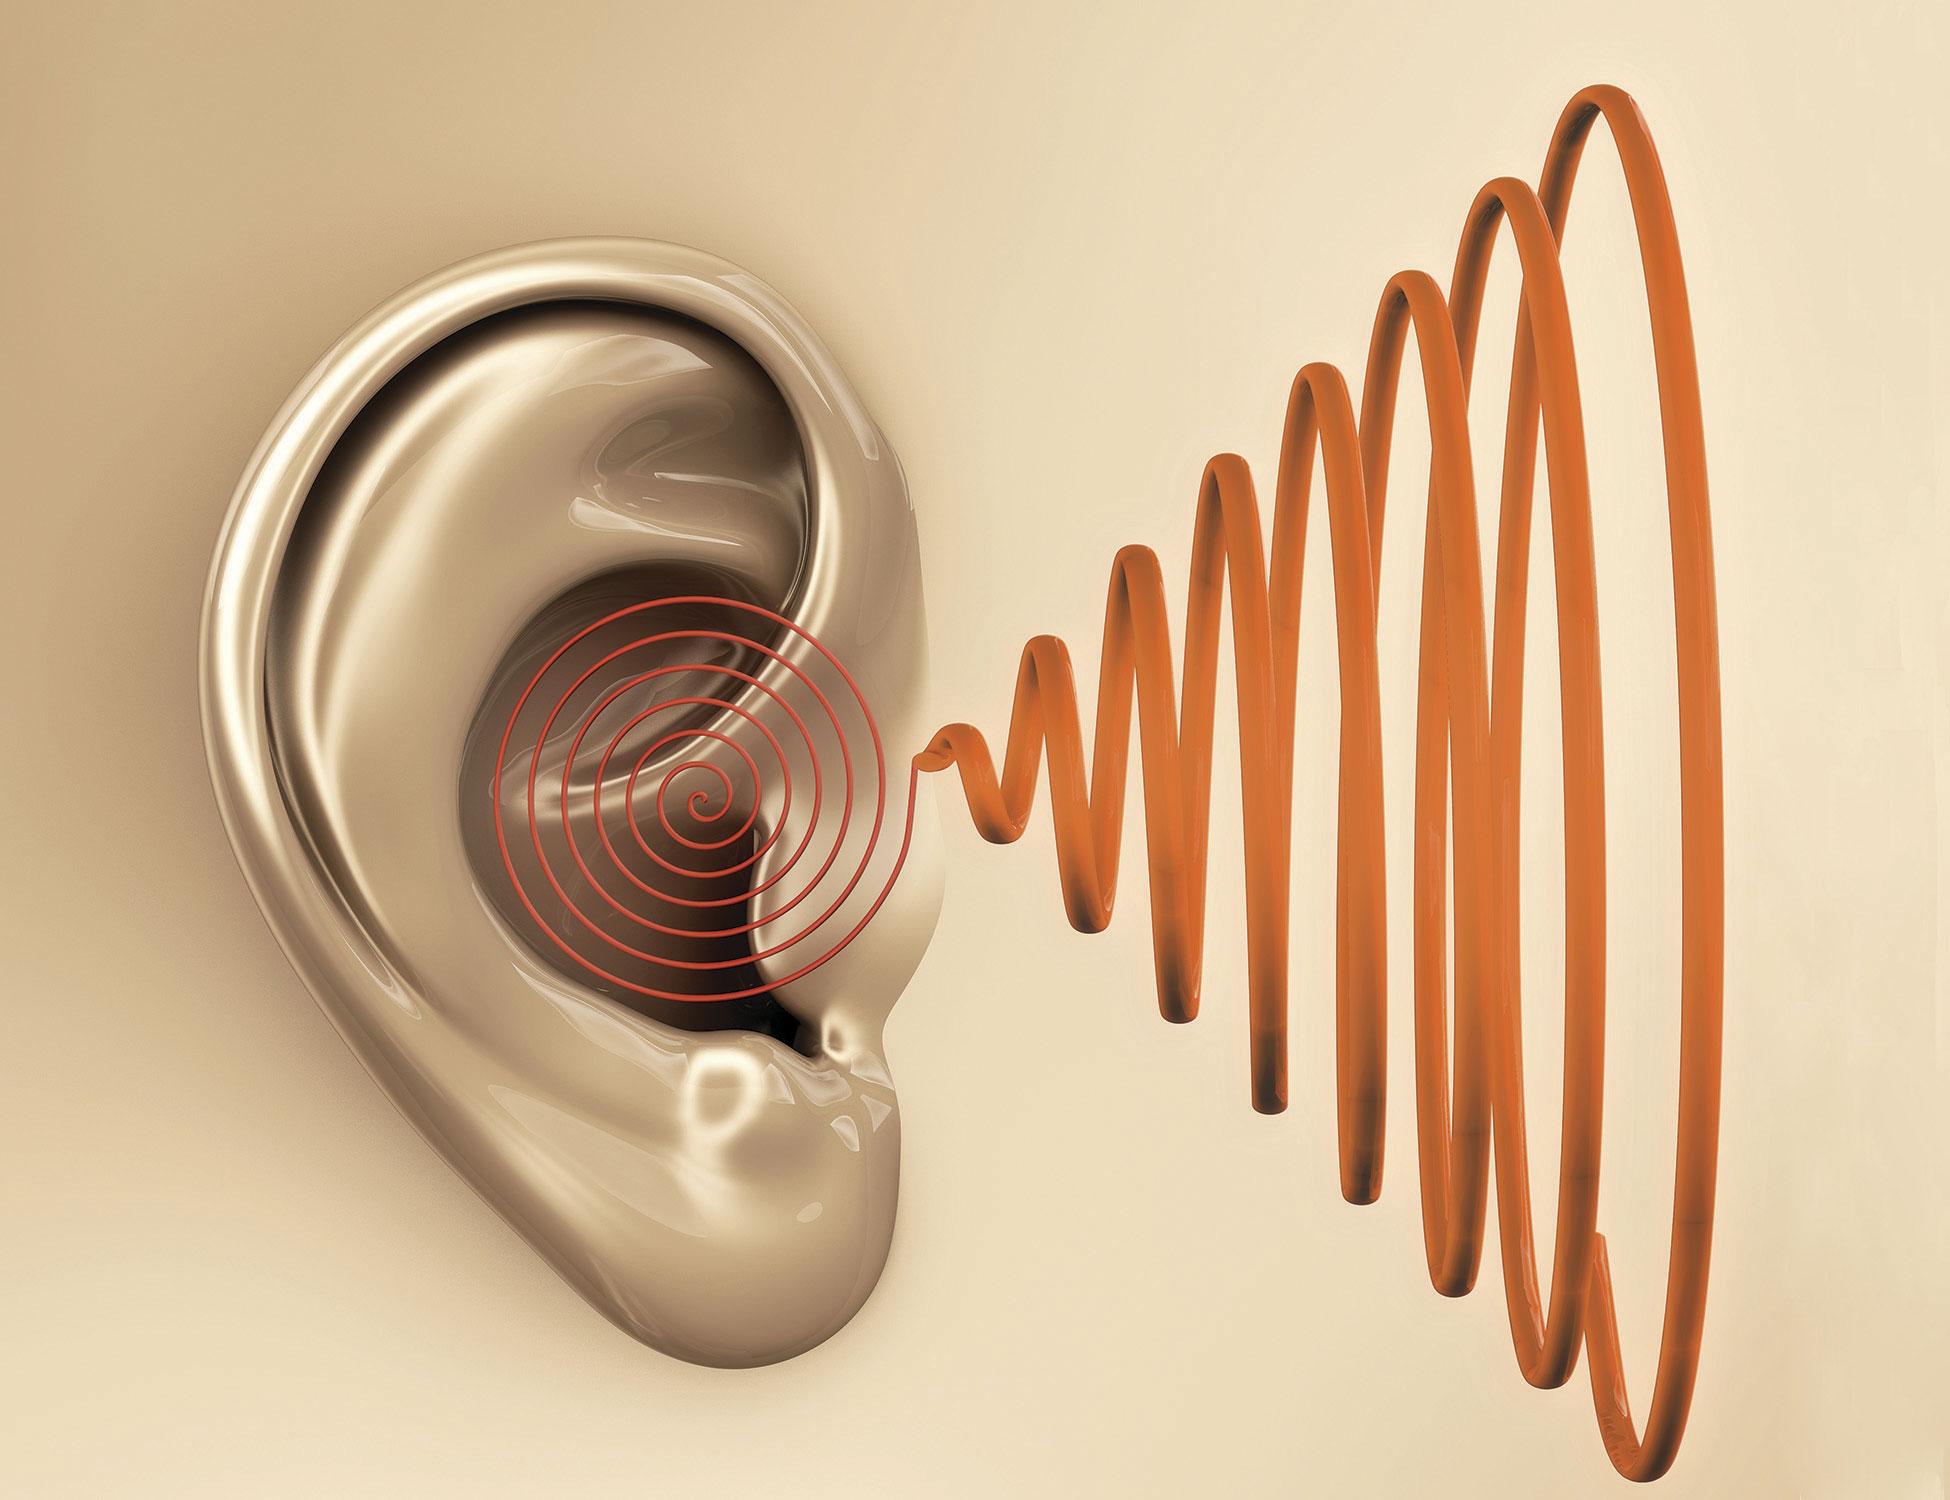 Длительное постоянное воздействие негромкого звука на ухо